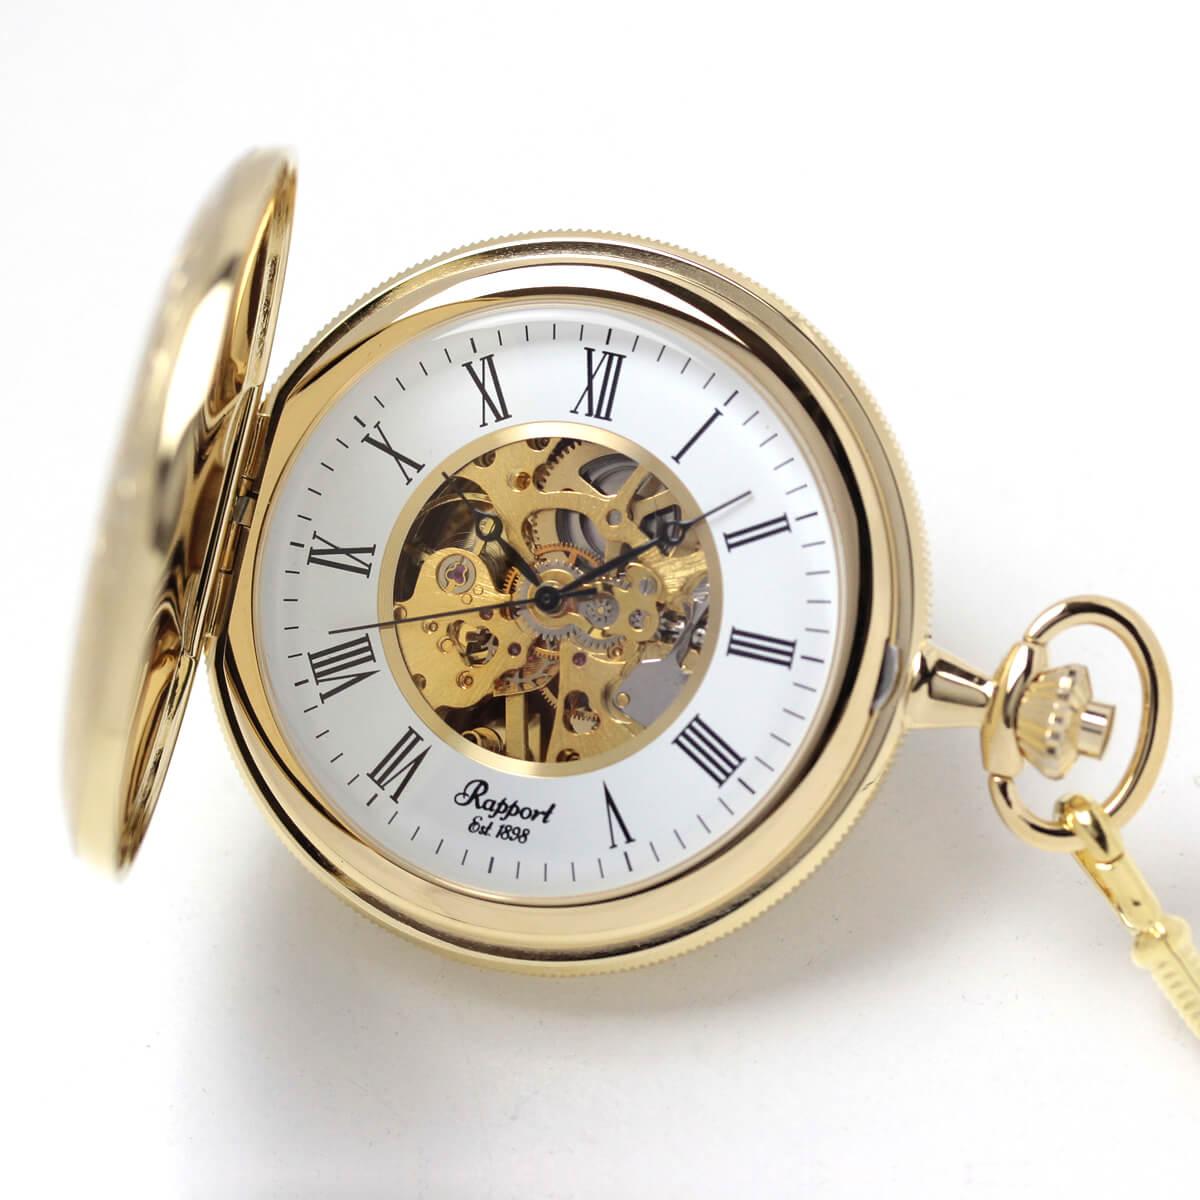 イギリスブランド rapport(ラポート) 懐中時計 pw96 ゴールドカラーの両蓋開きスケルトンモデル